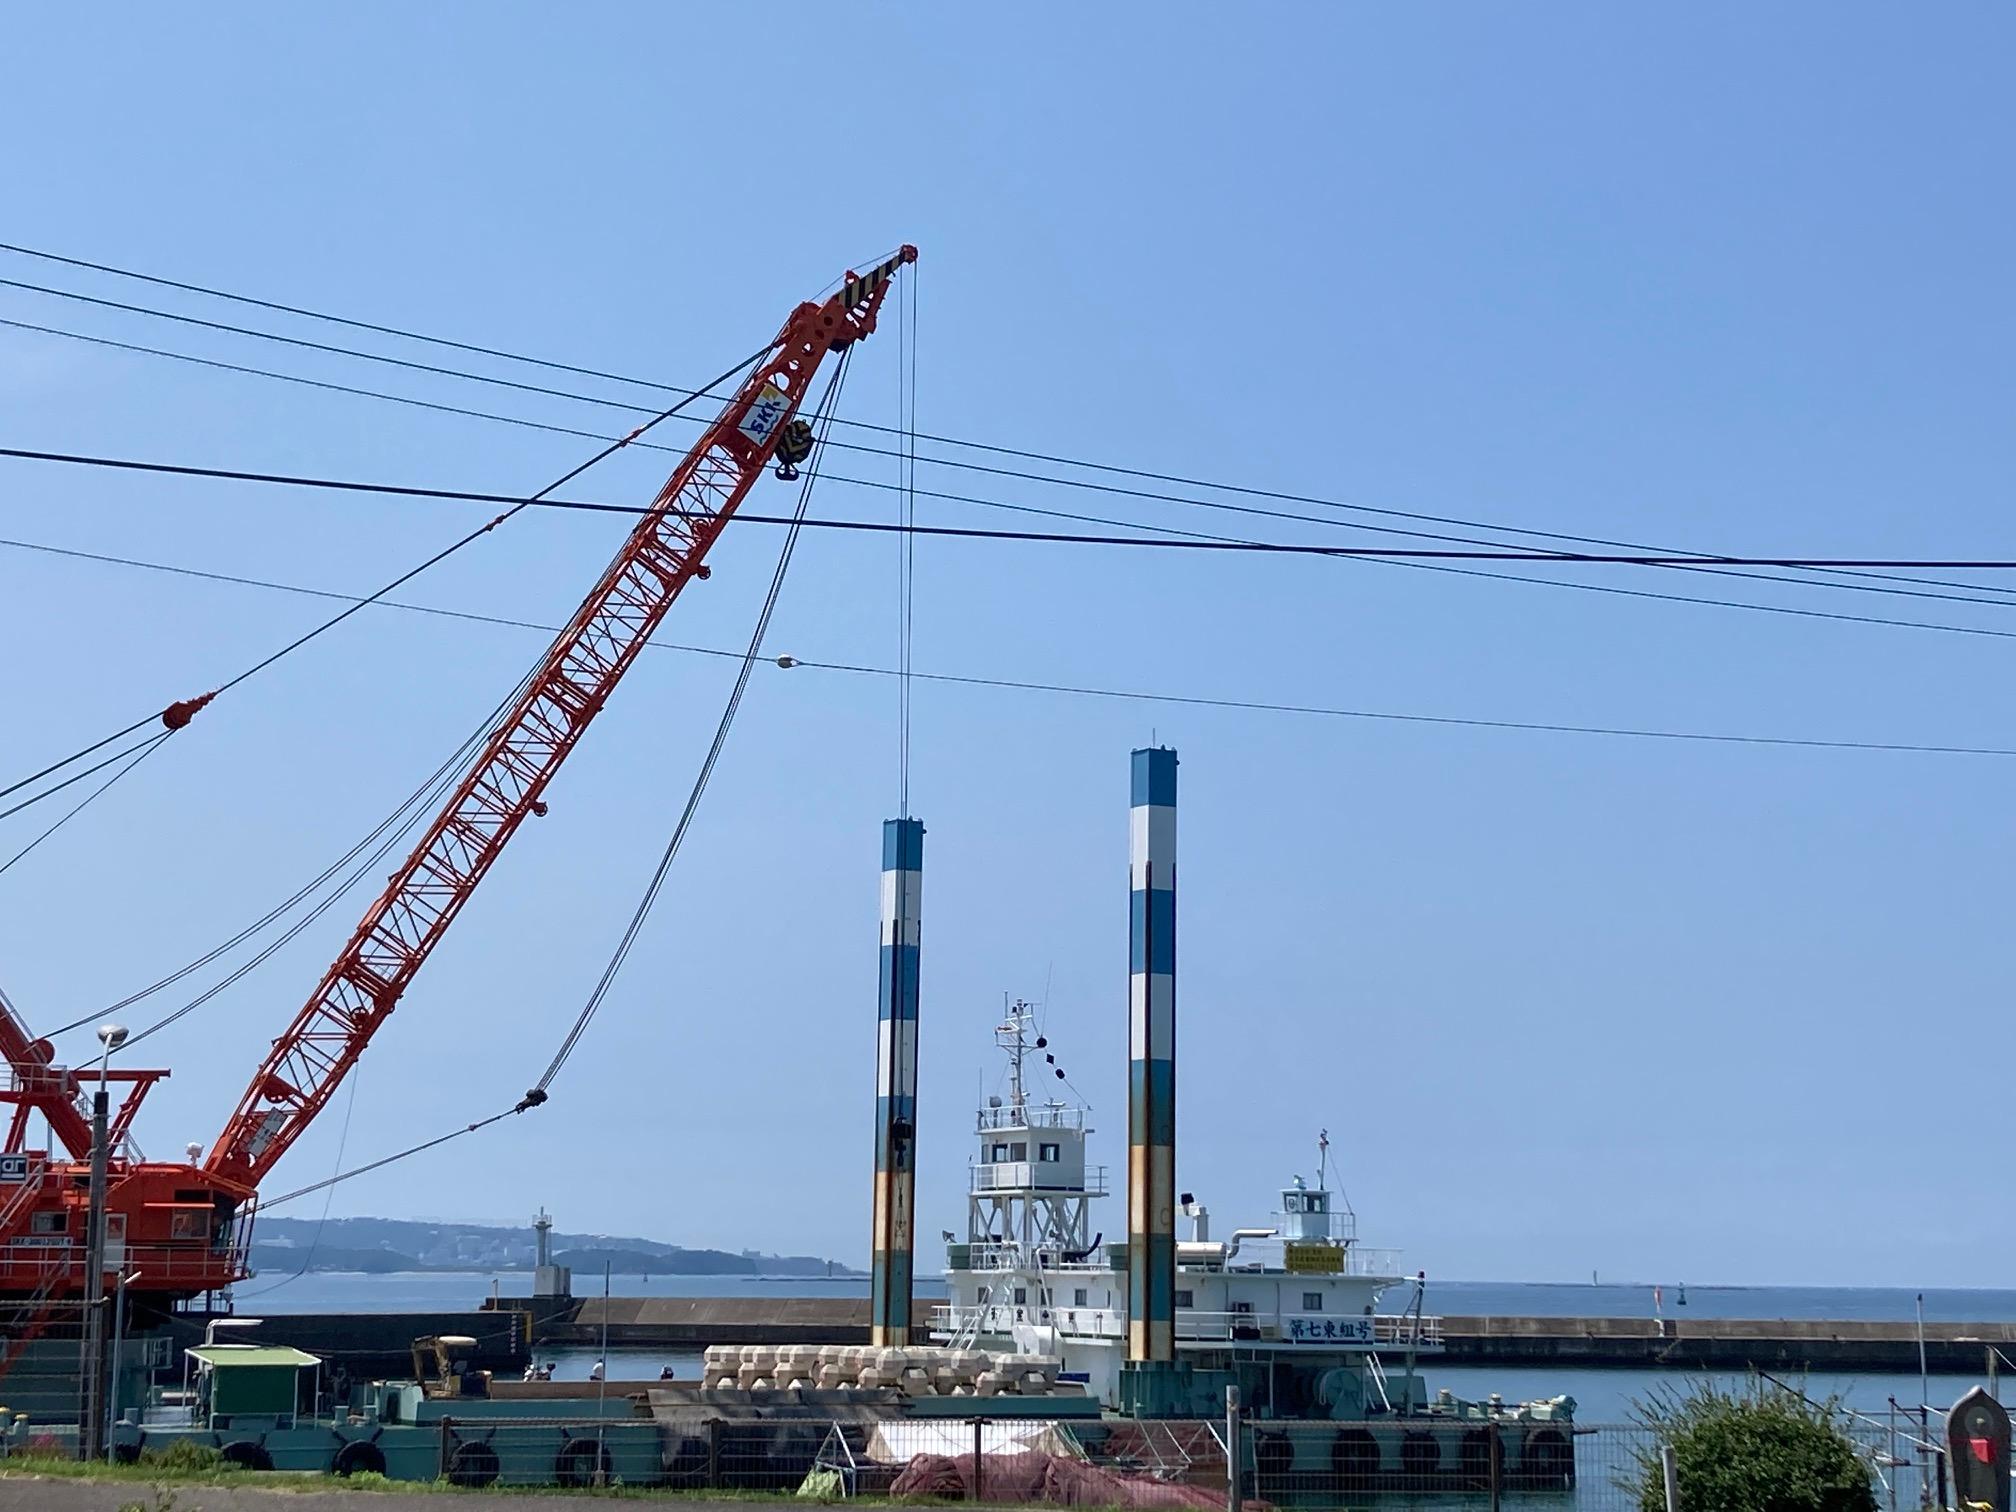 みなべ堺堤防は、堤防の強化工事を行っておりますが、釣りは可能です。